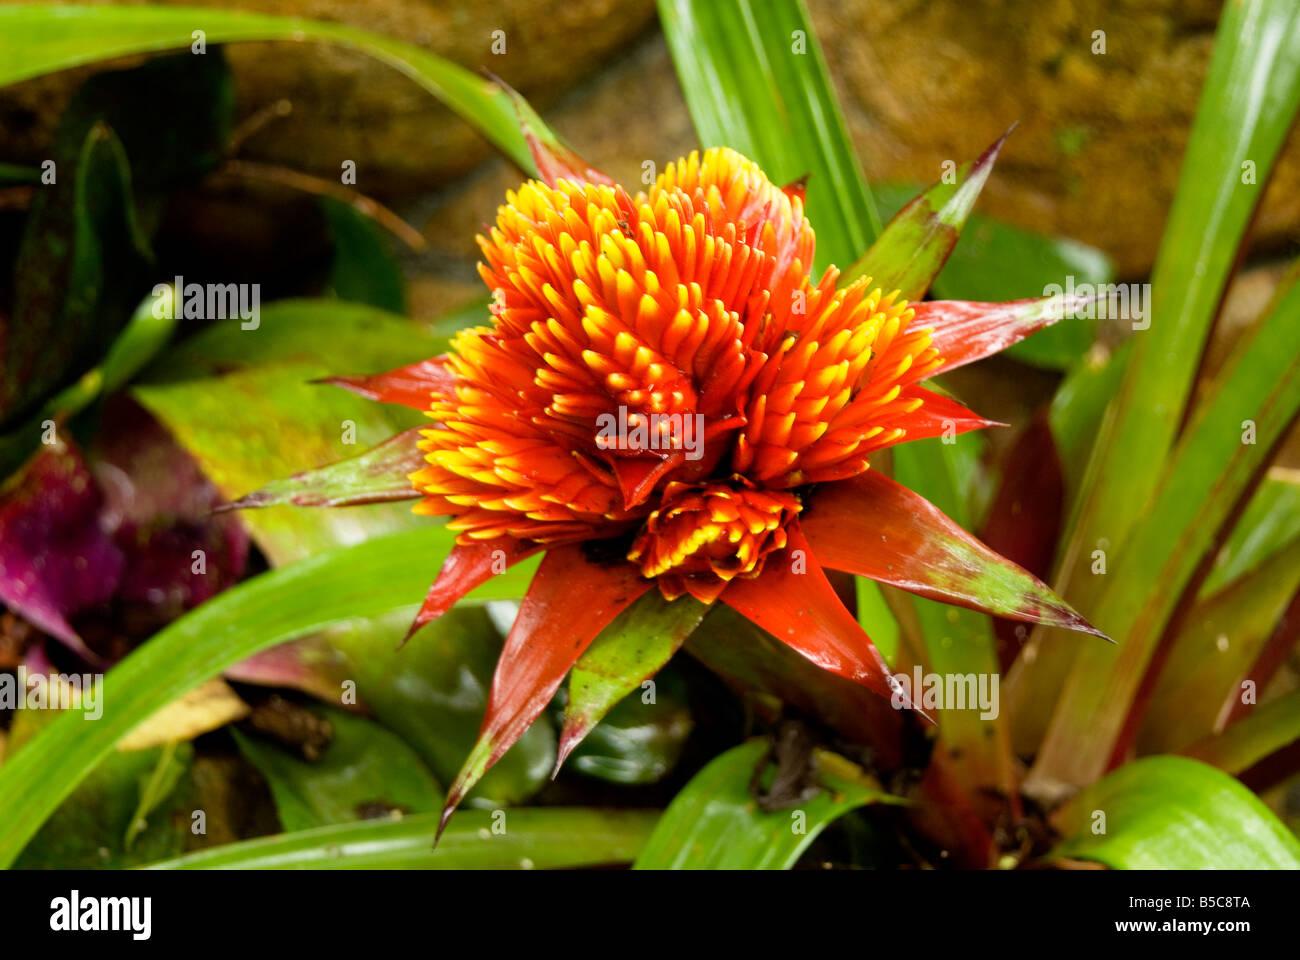 Una Exotica Flor Roja Es Capturada En El Tiempo Las Flores Y Las